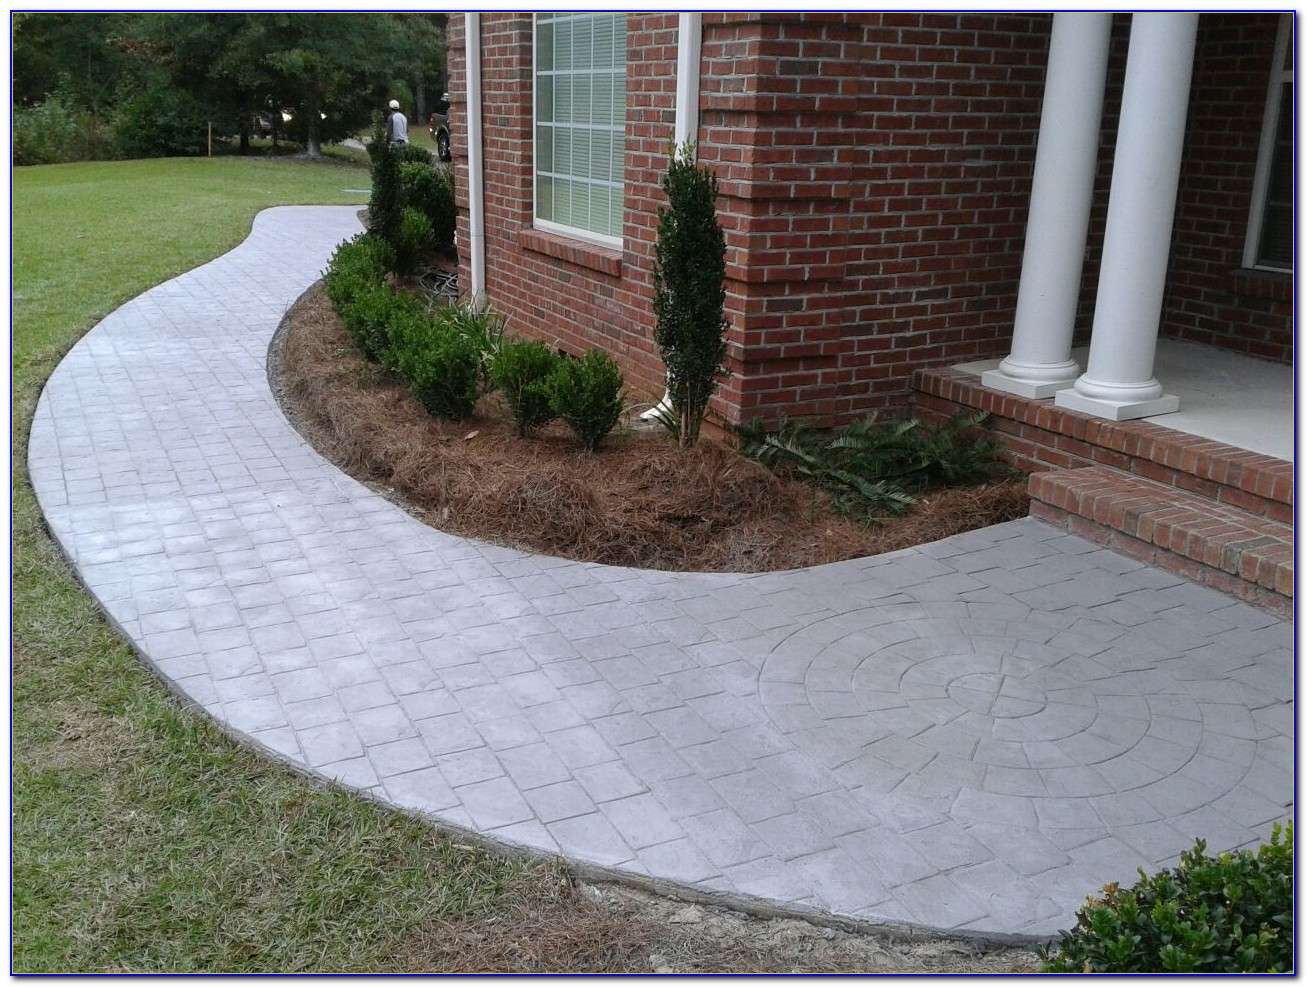 Patio Tiles Over Concrete